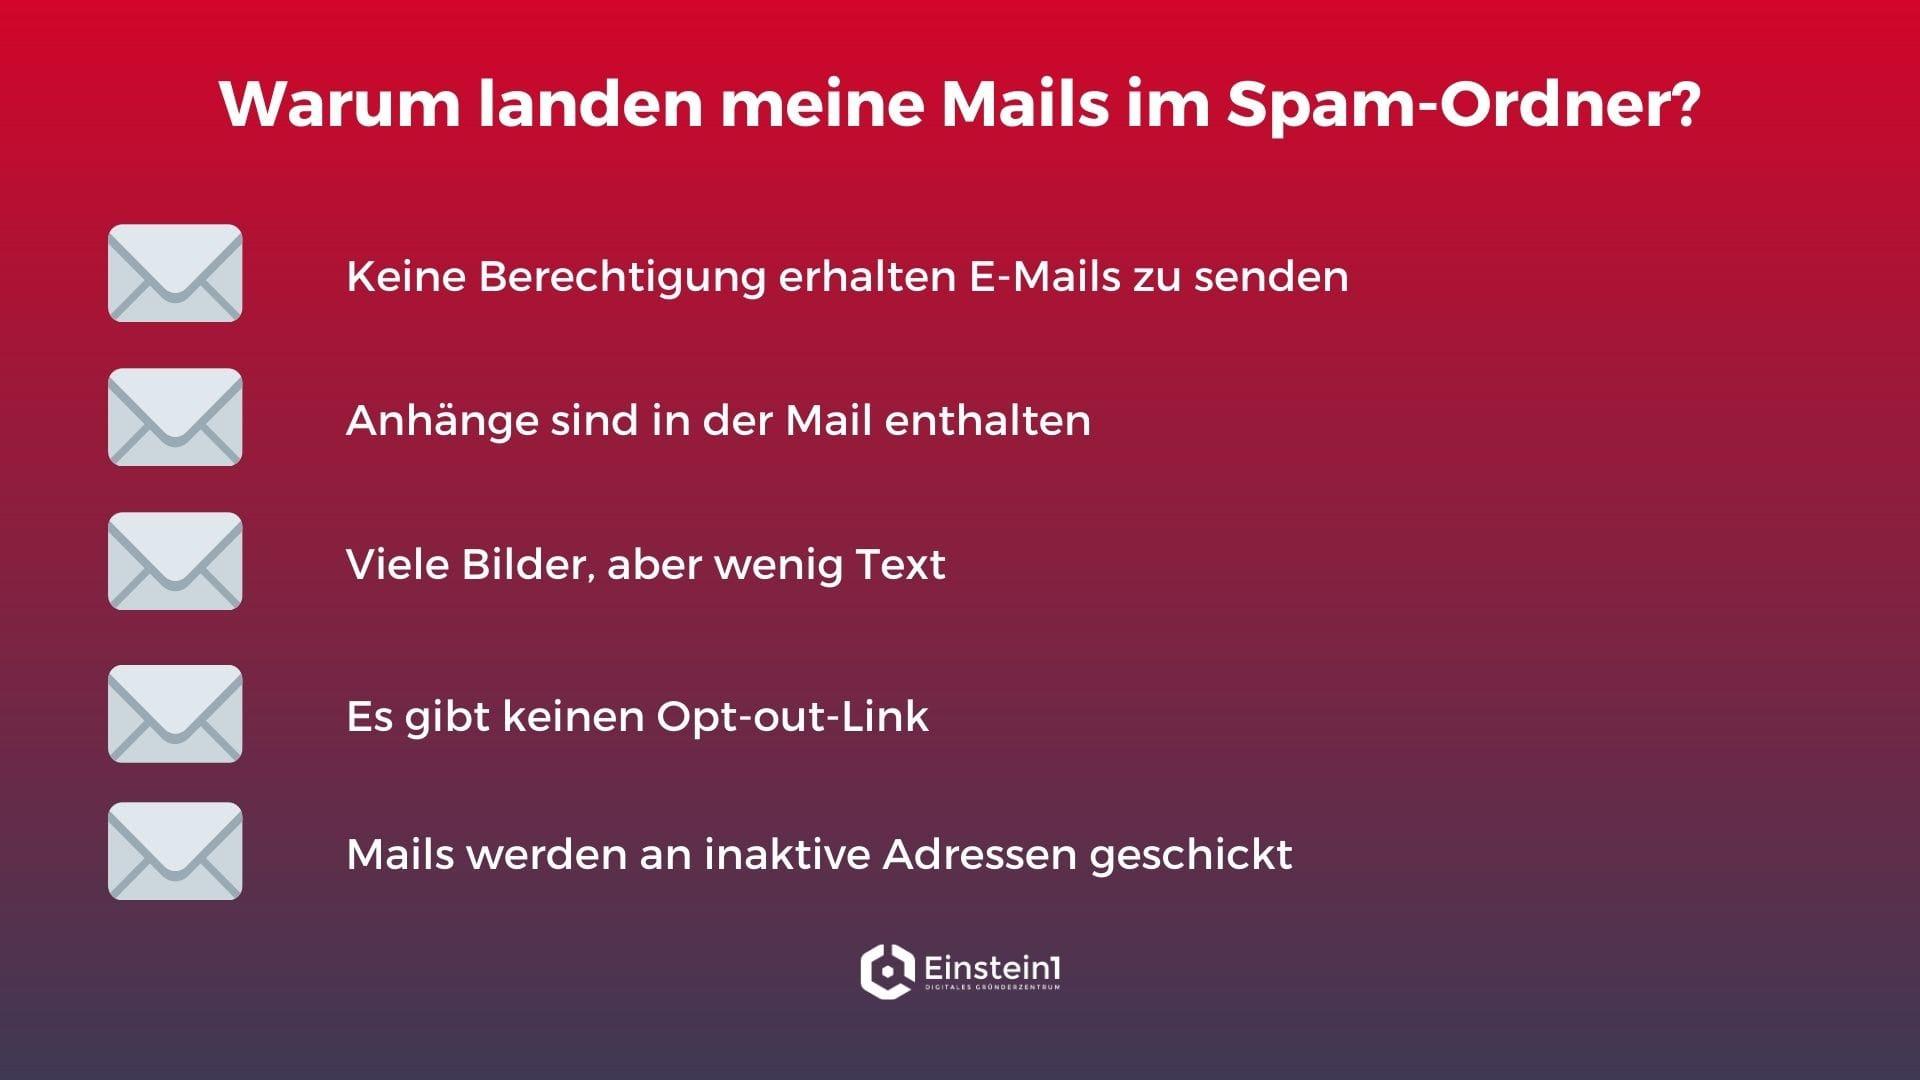 Warum-landen-meine-mails-im-spam-ordner-Einstein1